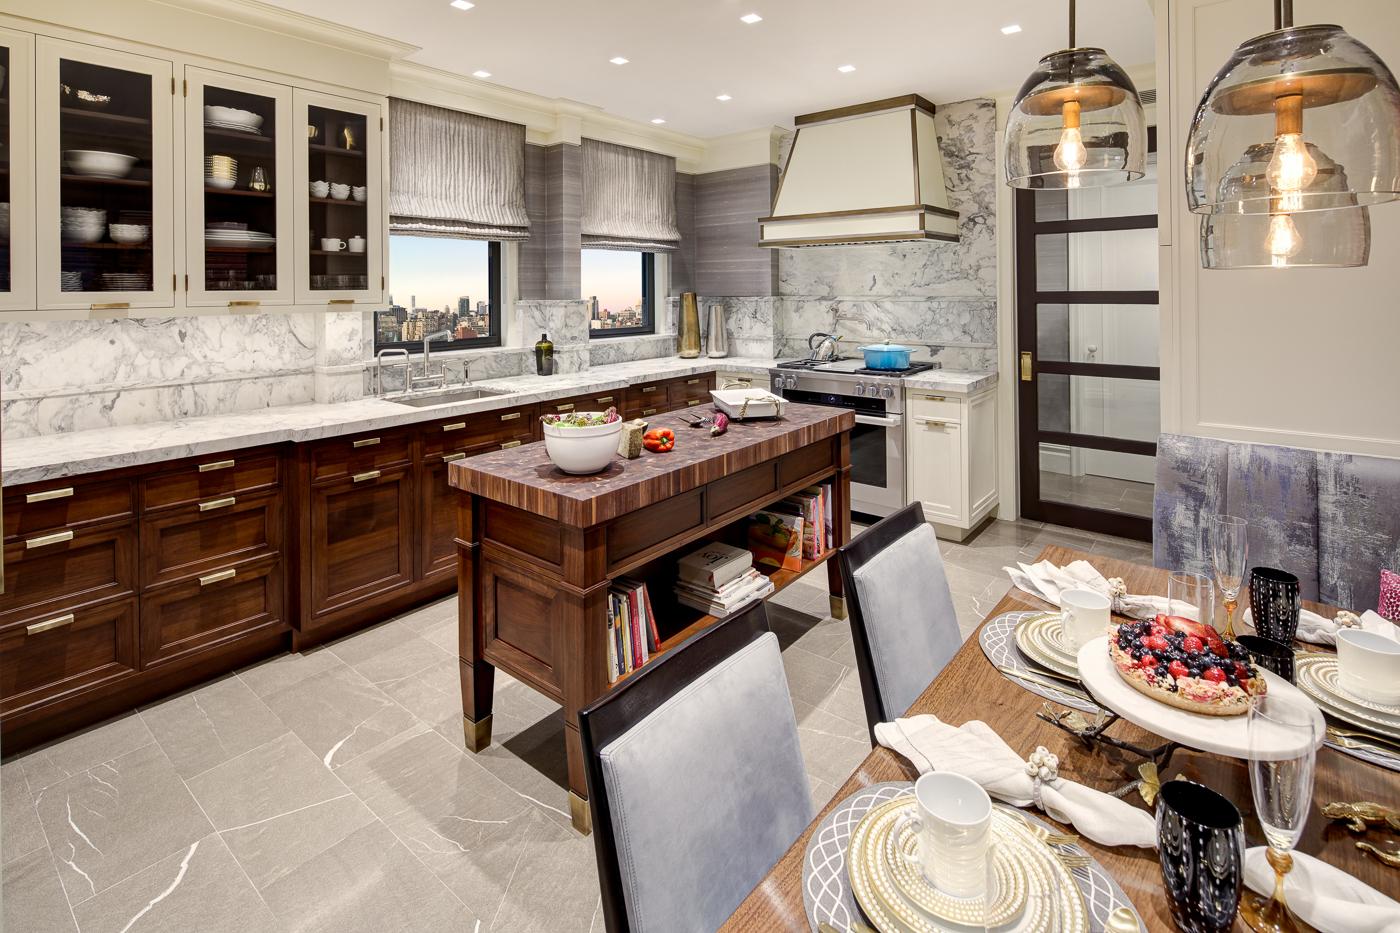 Townhouse Kitchens Inc - Vonderhiede Kitchen